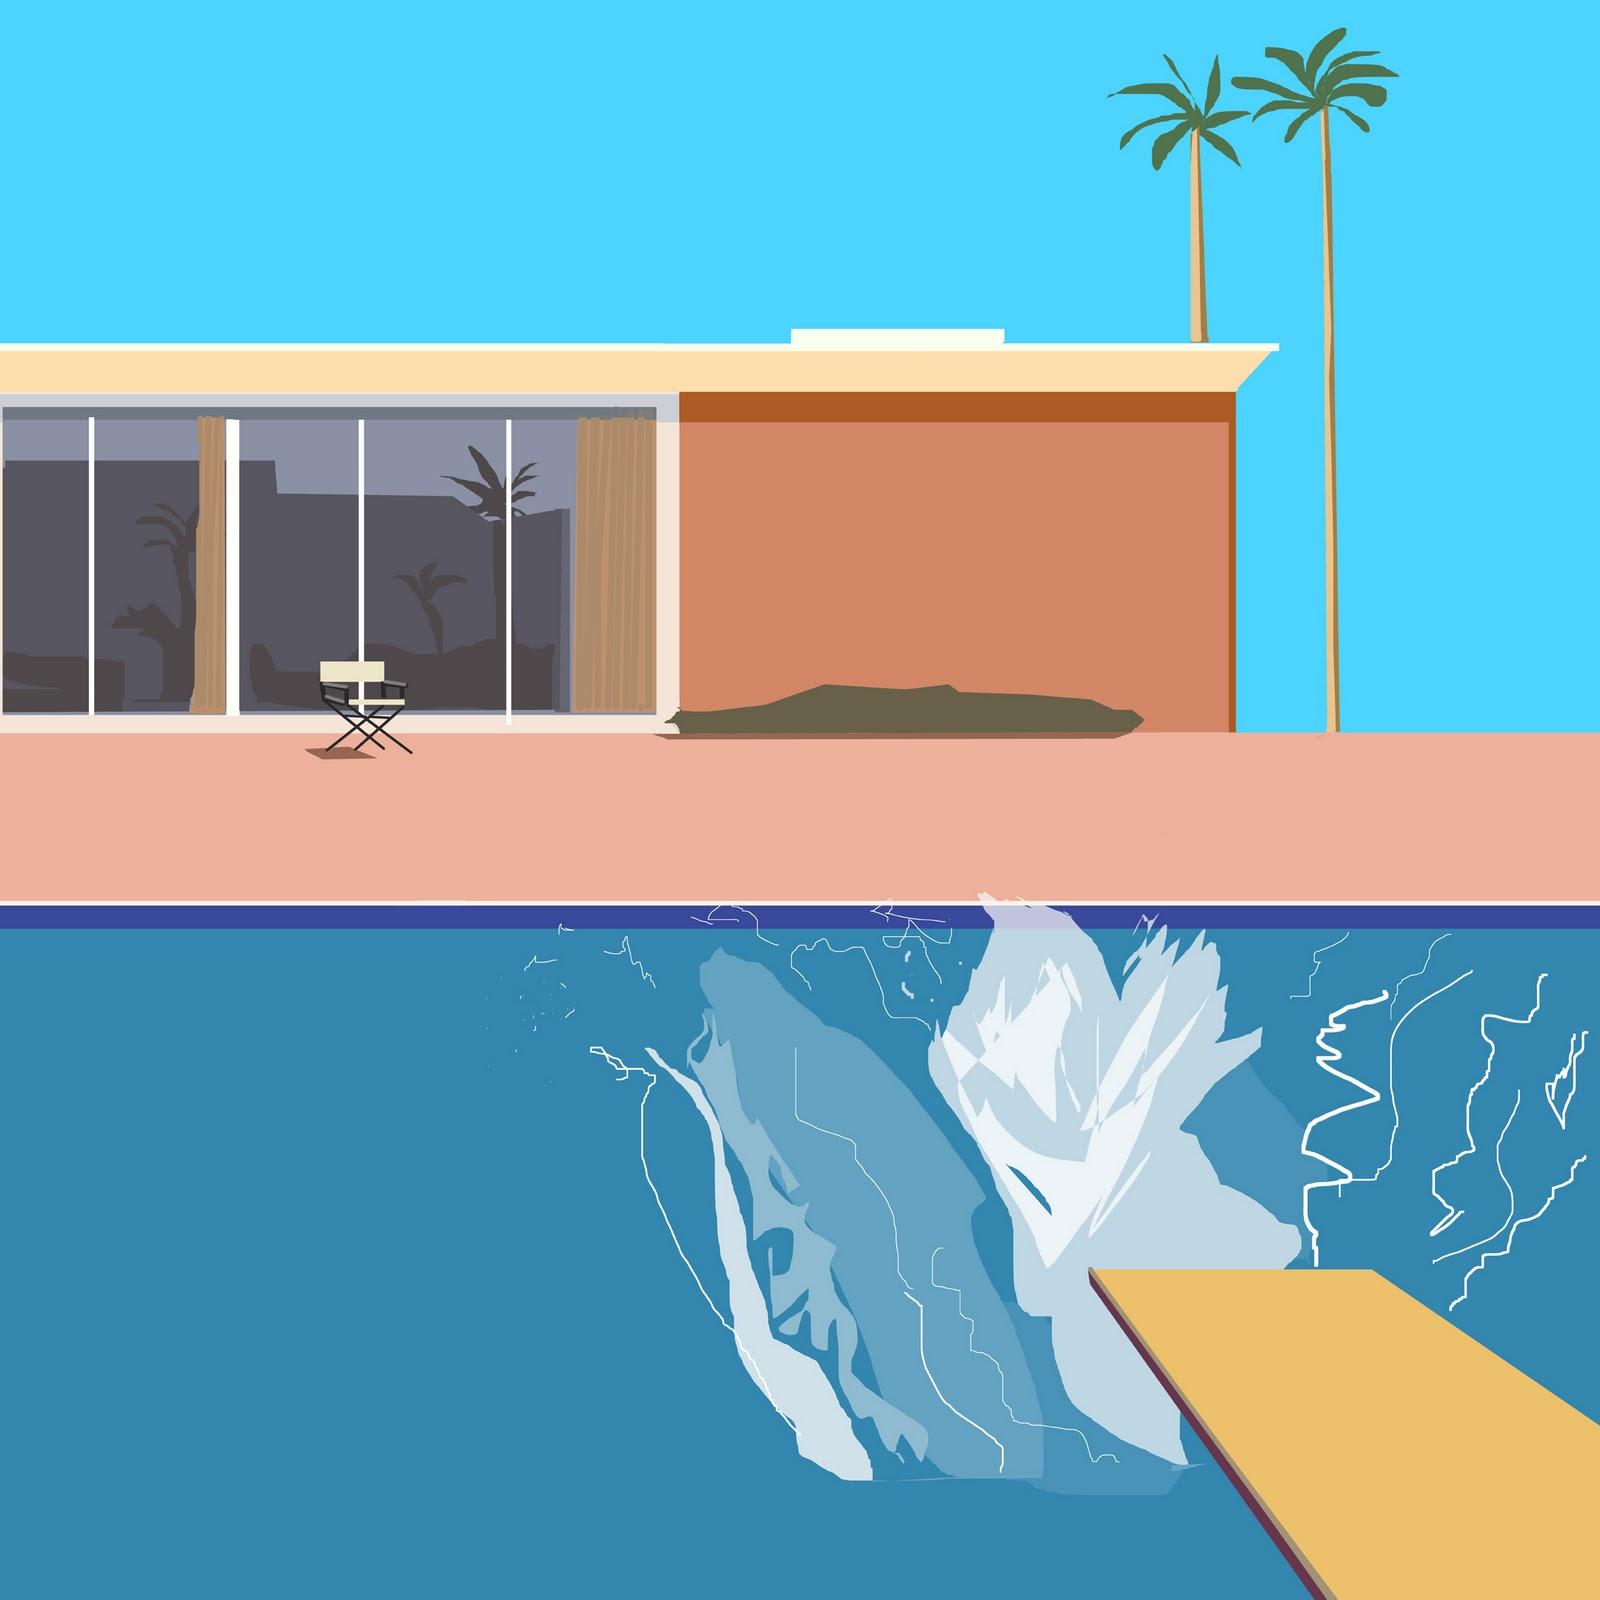 David Hockney, A BIgger Splash  (1967)